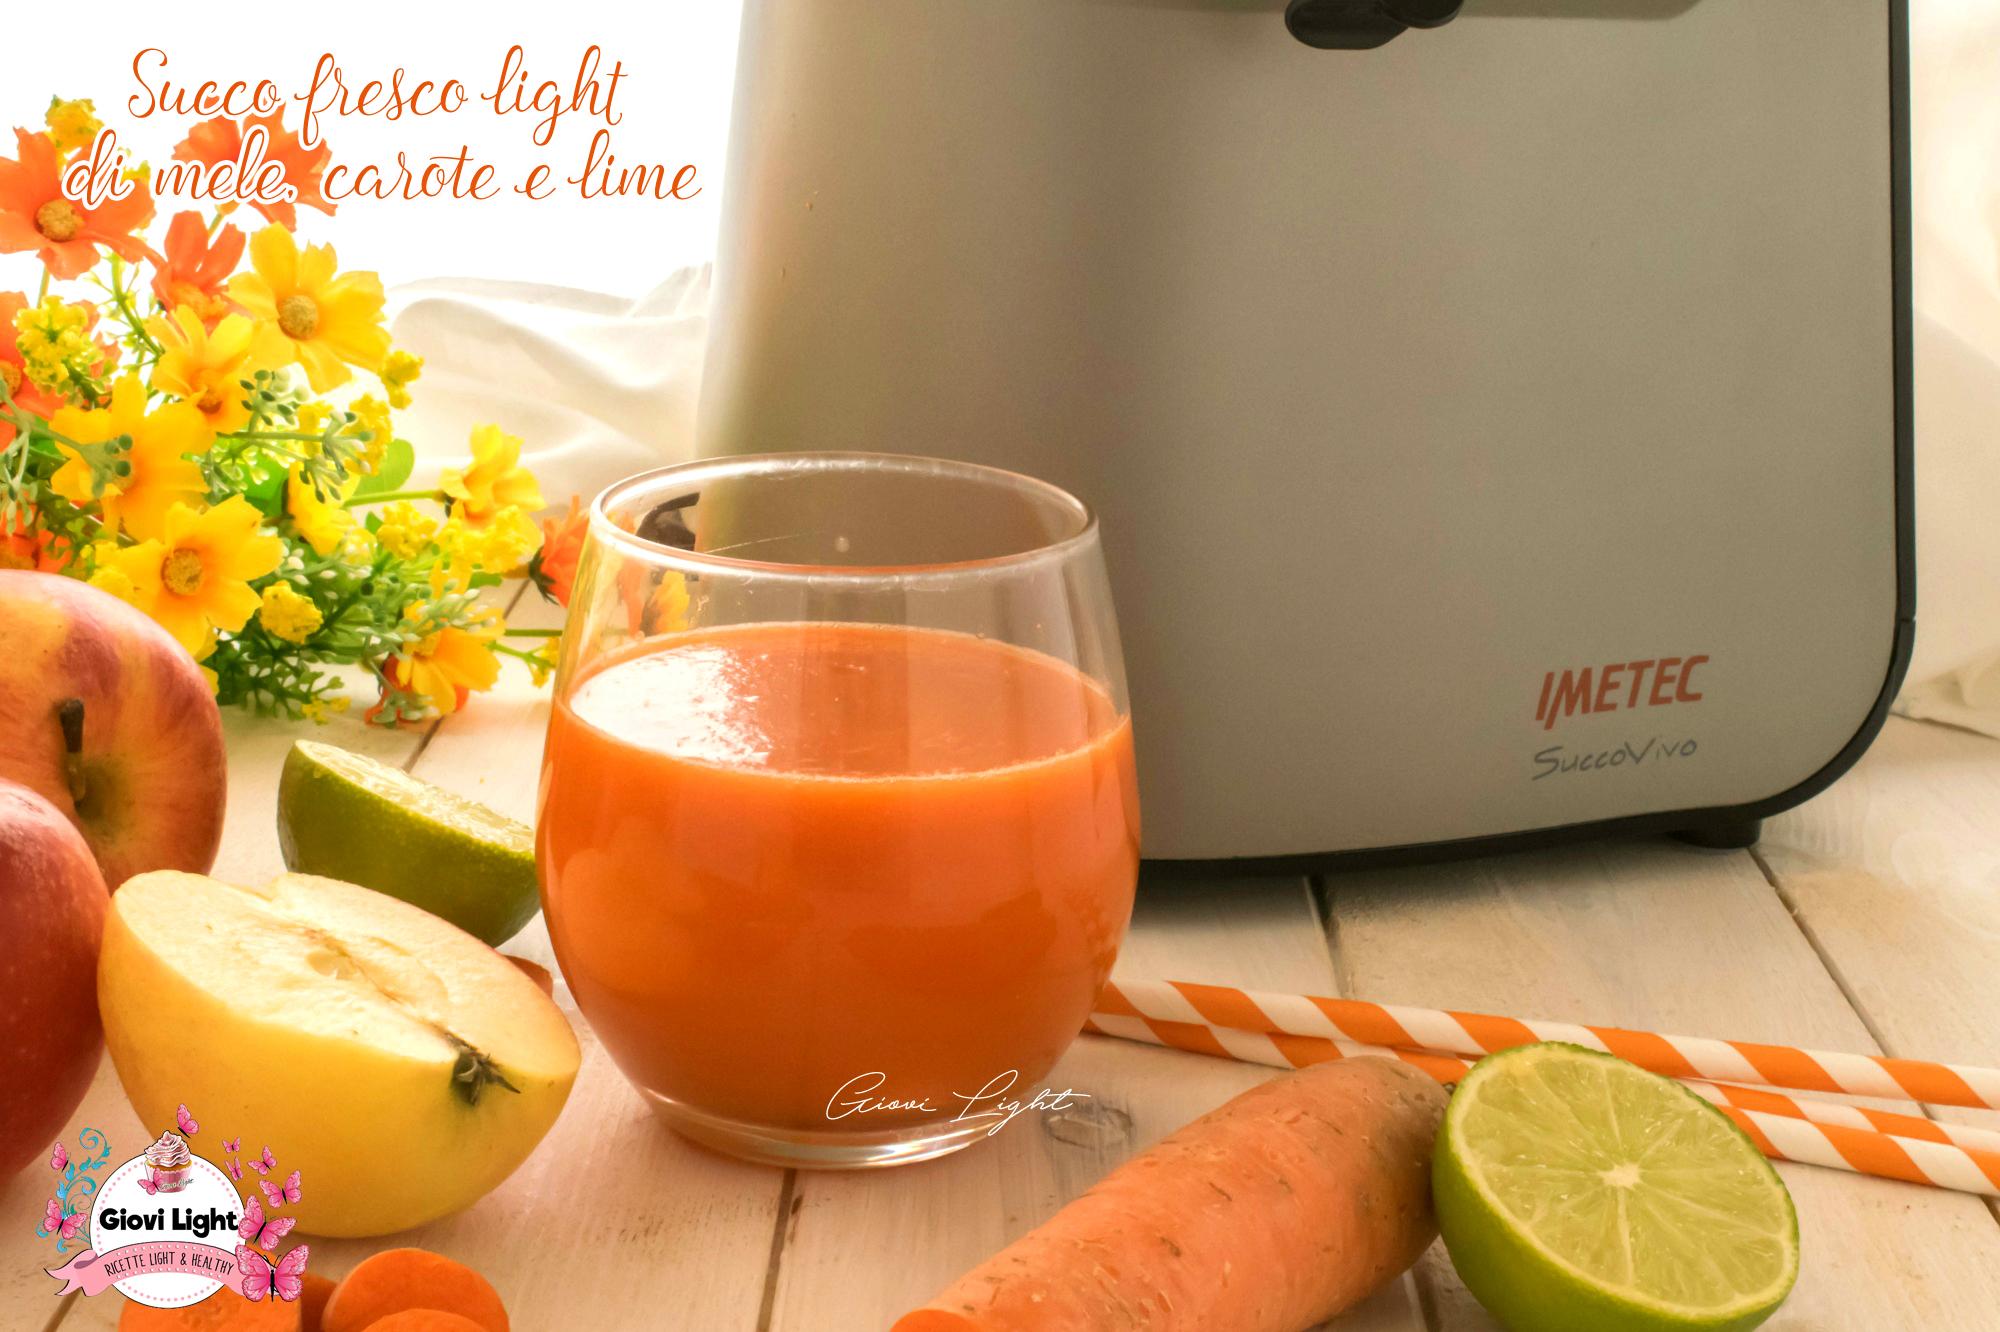 Succo fresco light di mele, carote e lime